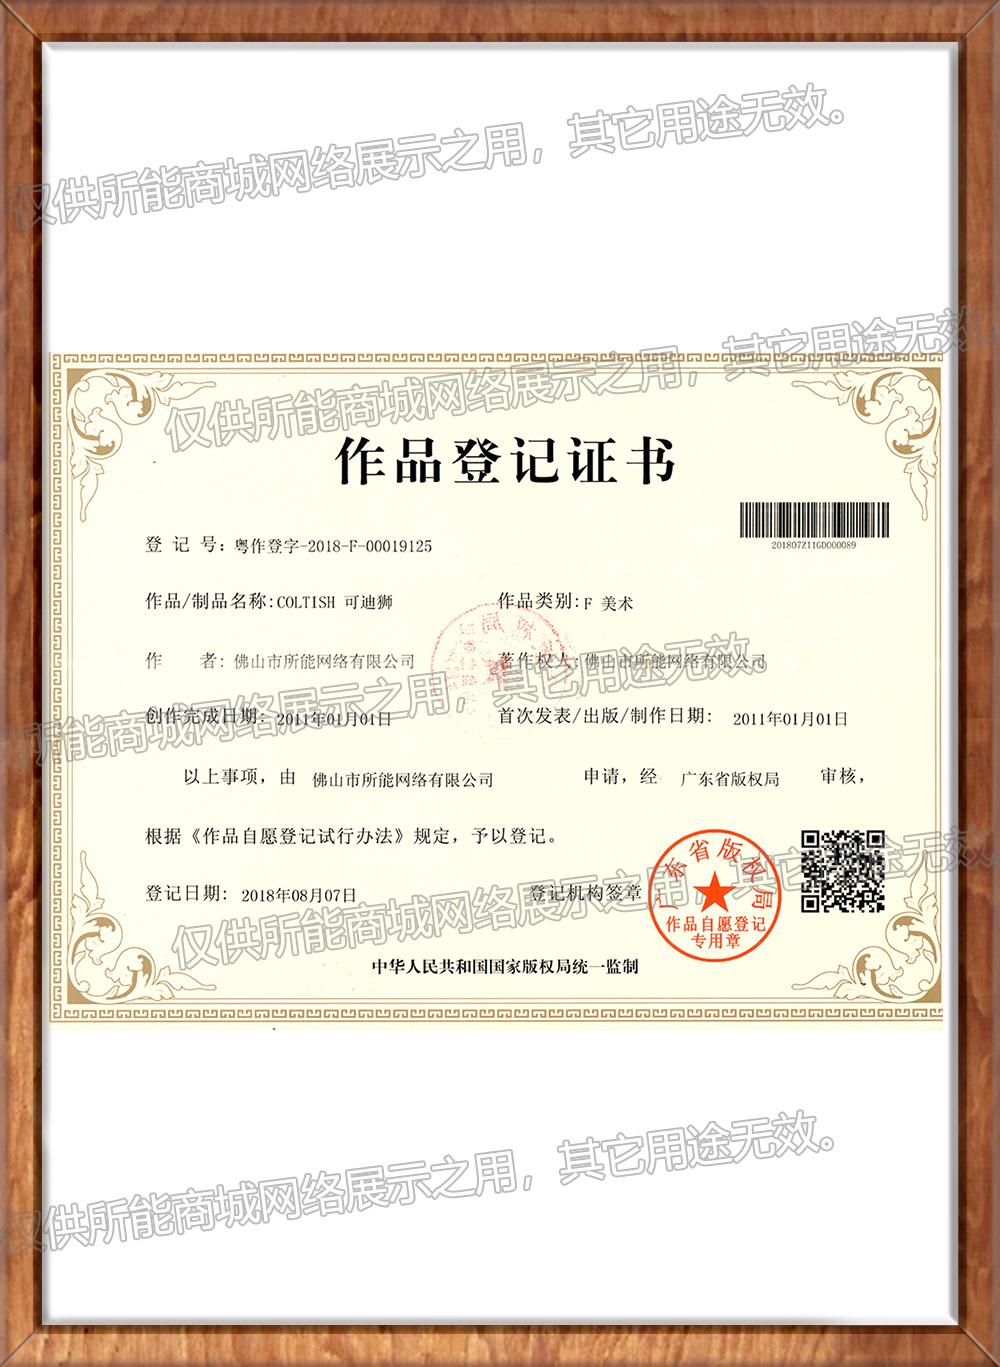 《COLTISH可迪狮》作品登记证书